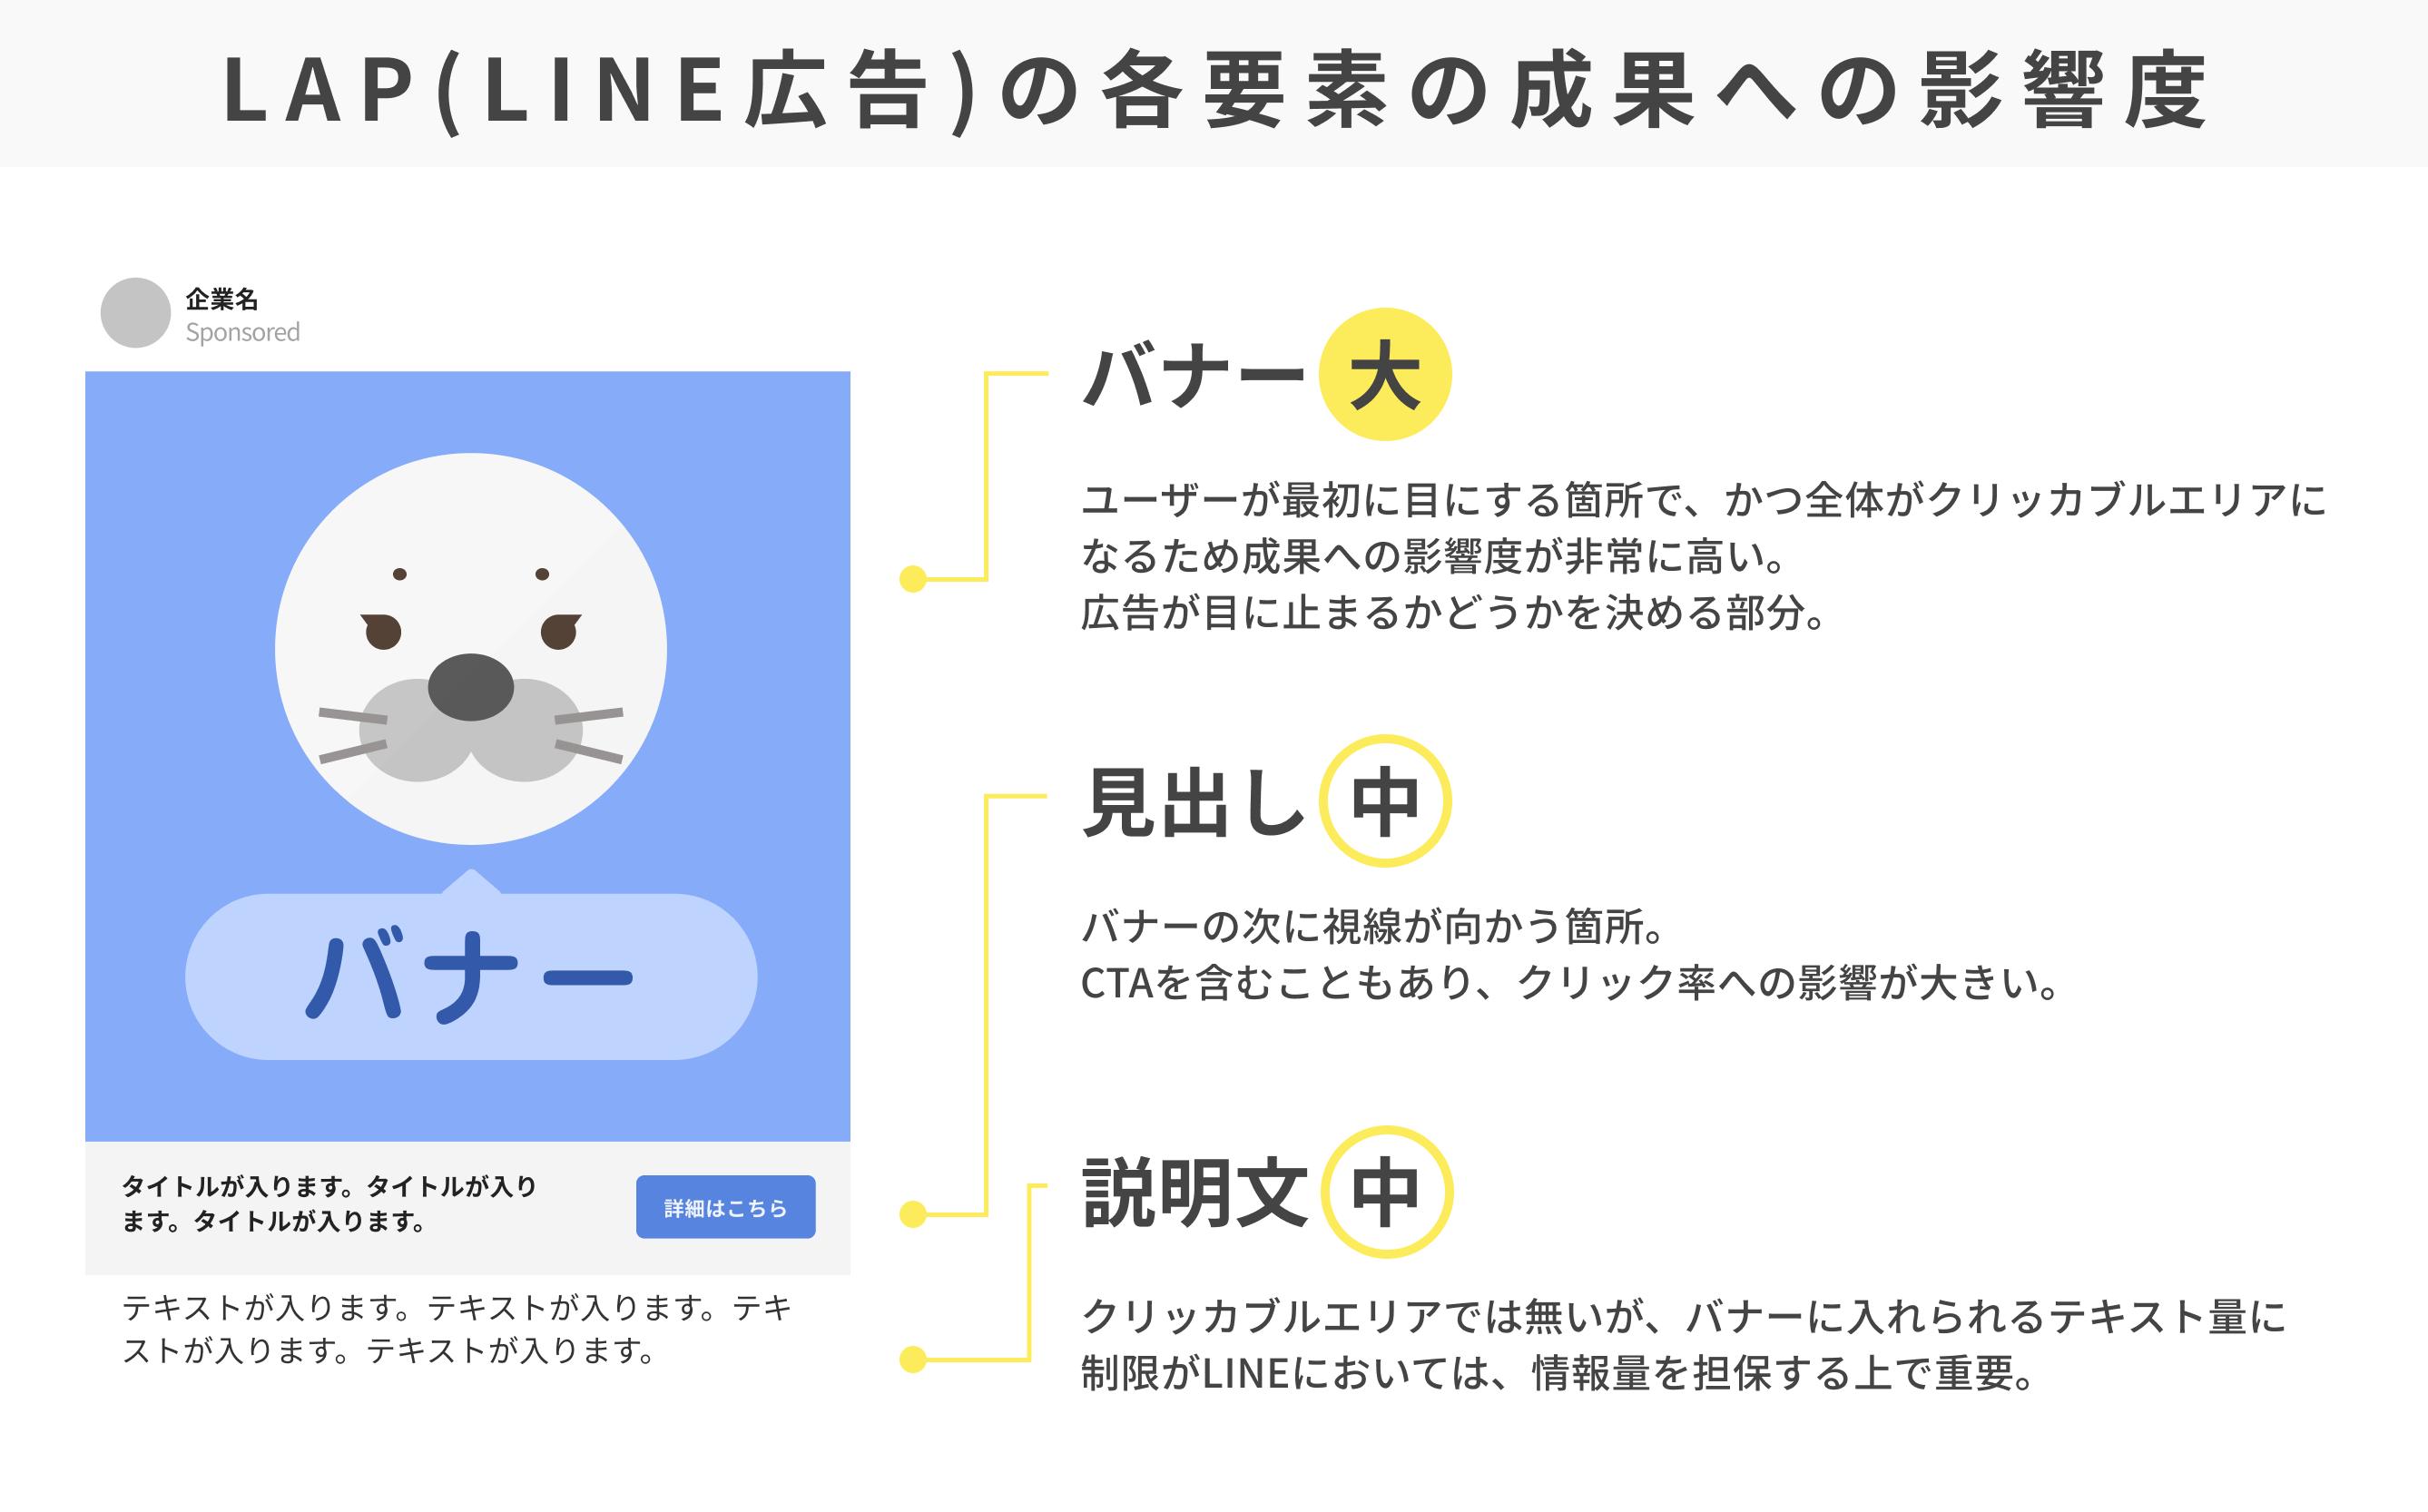 LAP(LINE広告)の各要素の成果への影響度